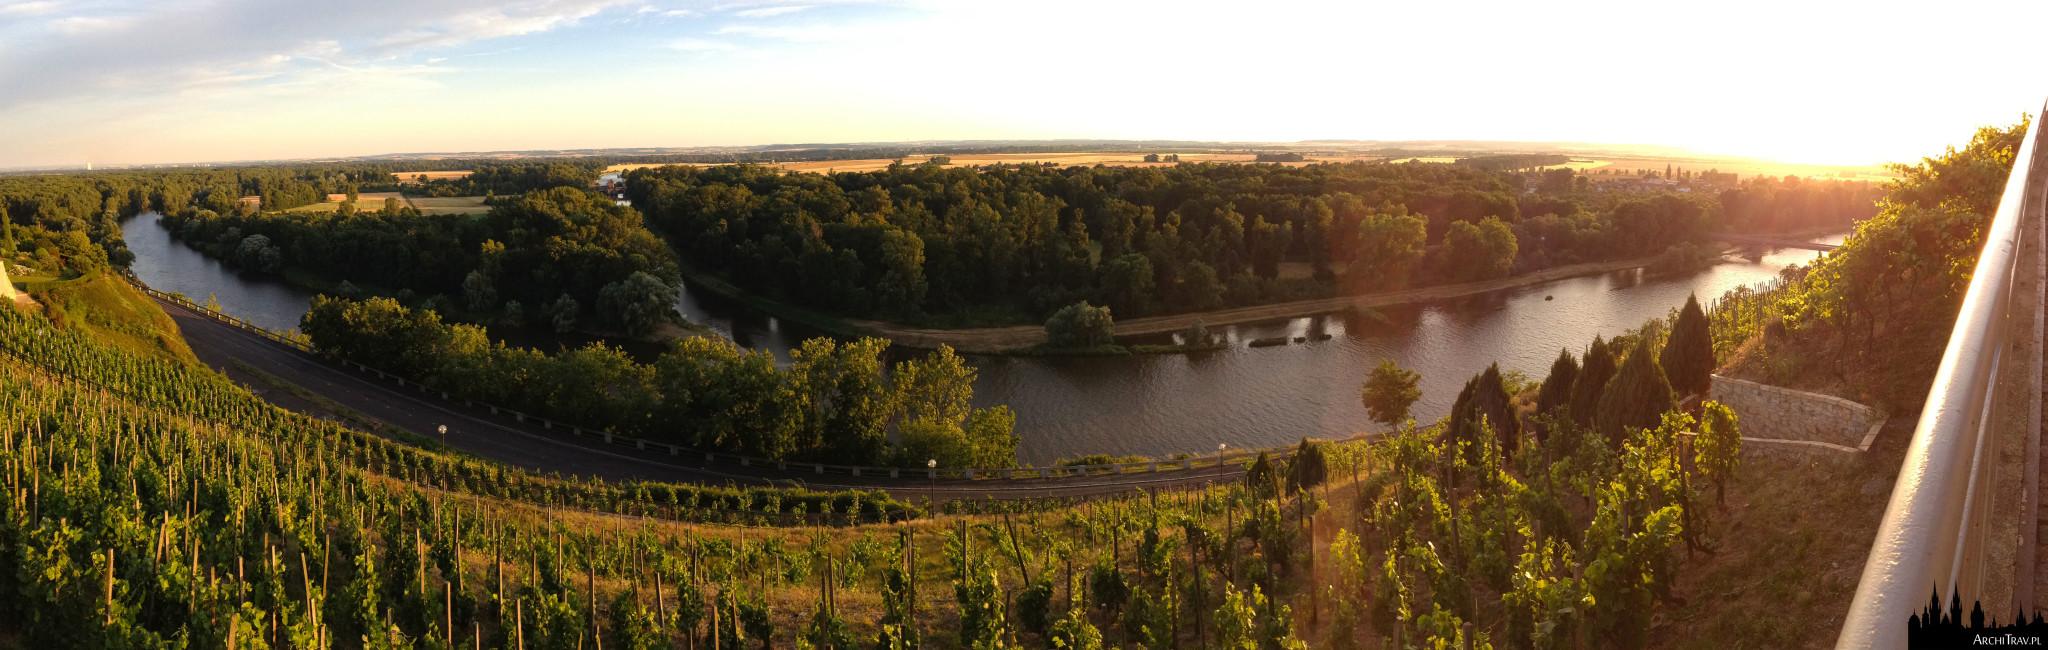 panorama przedstawiająca winnice i zbieg rzek Wełtawy i Łaby w Mielniku